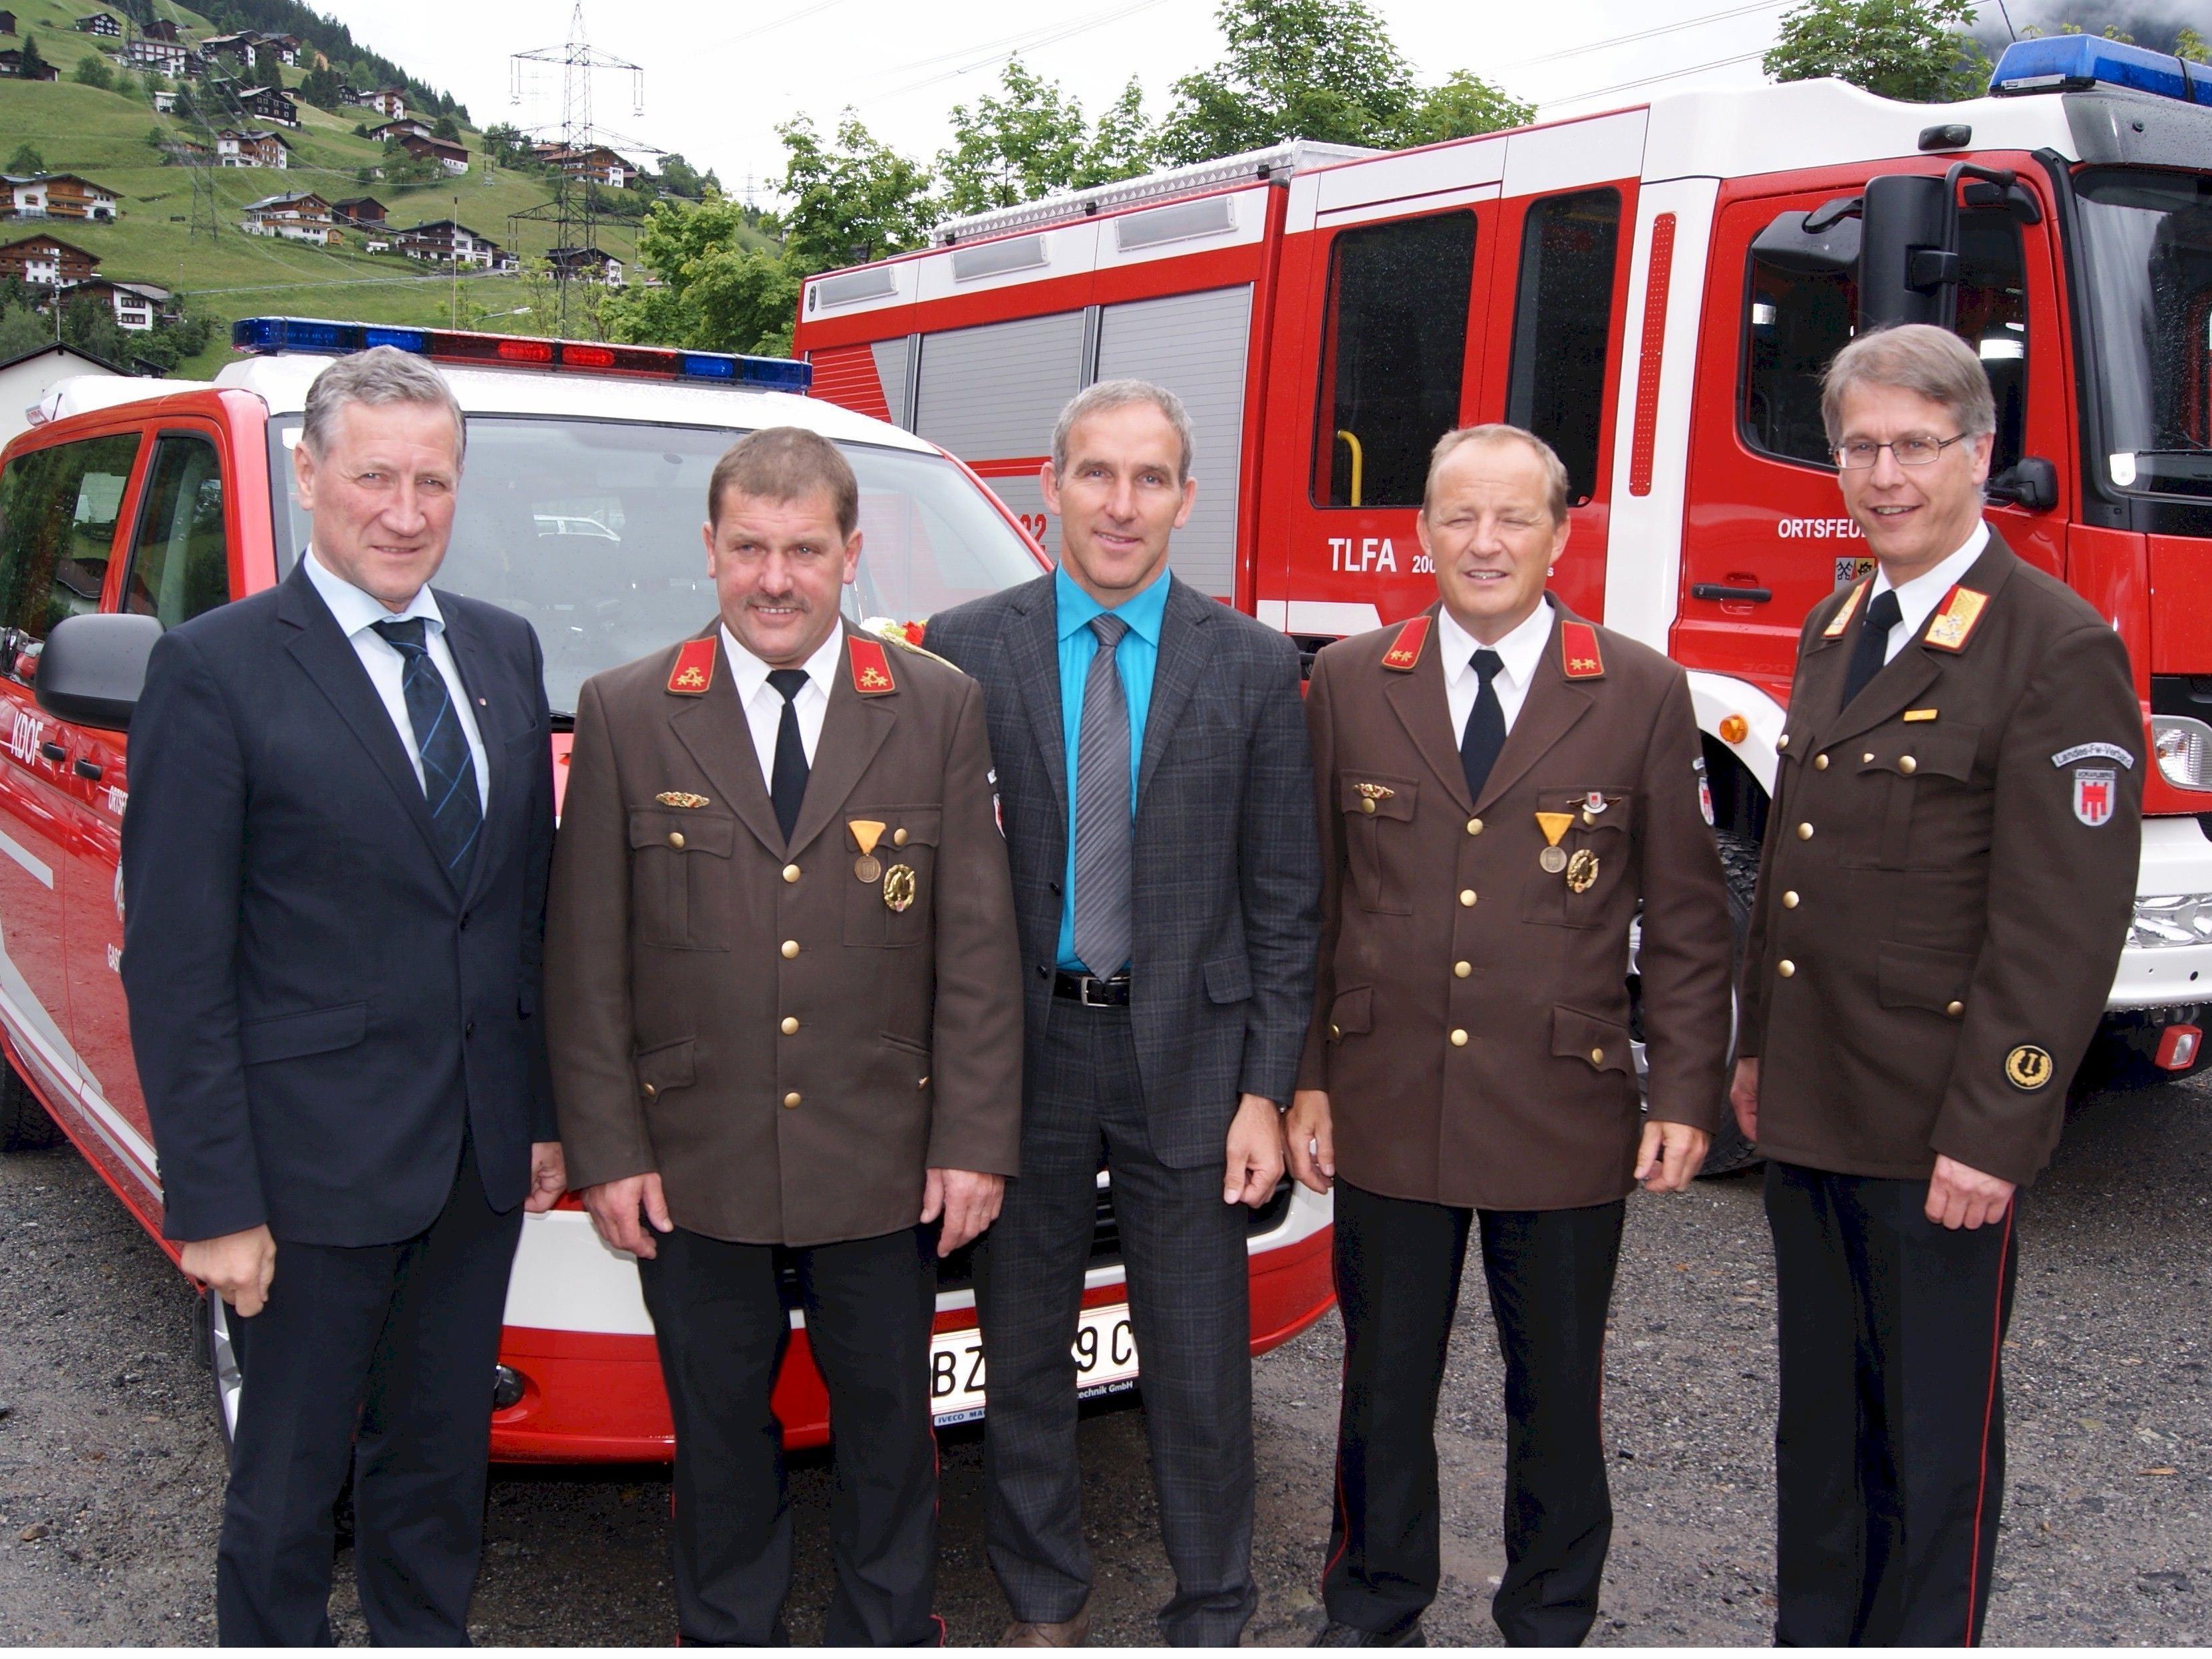 Kommandant Gebhard Felder (2.v.l.) mit LR Erich Schwärzler, Martin Netzer, Herbert Kofler und Christoph Feuerstein.